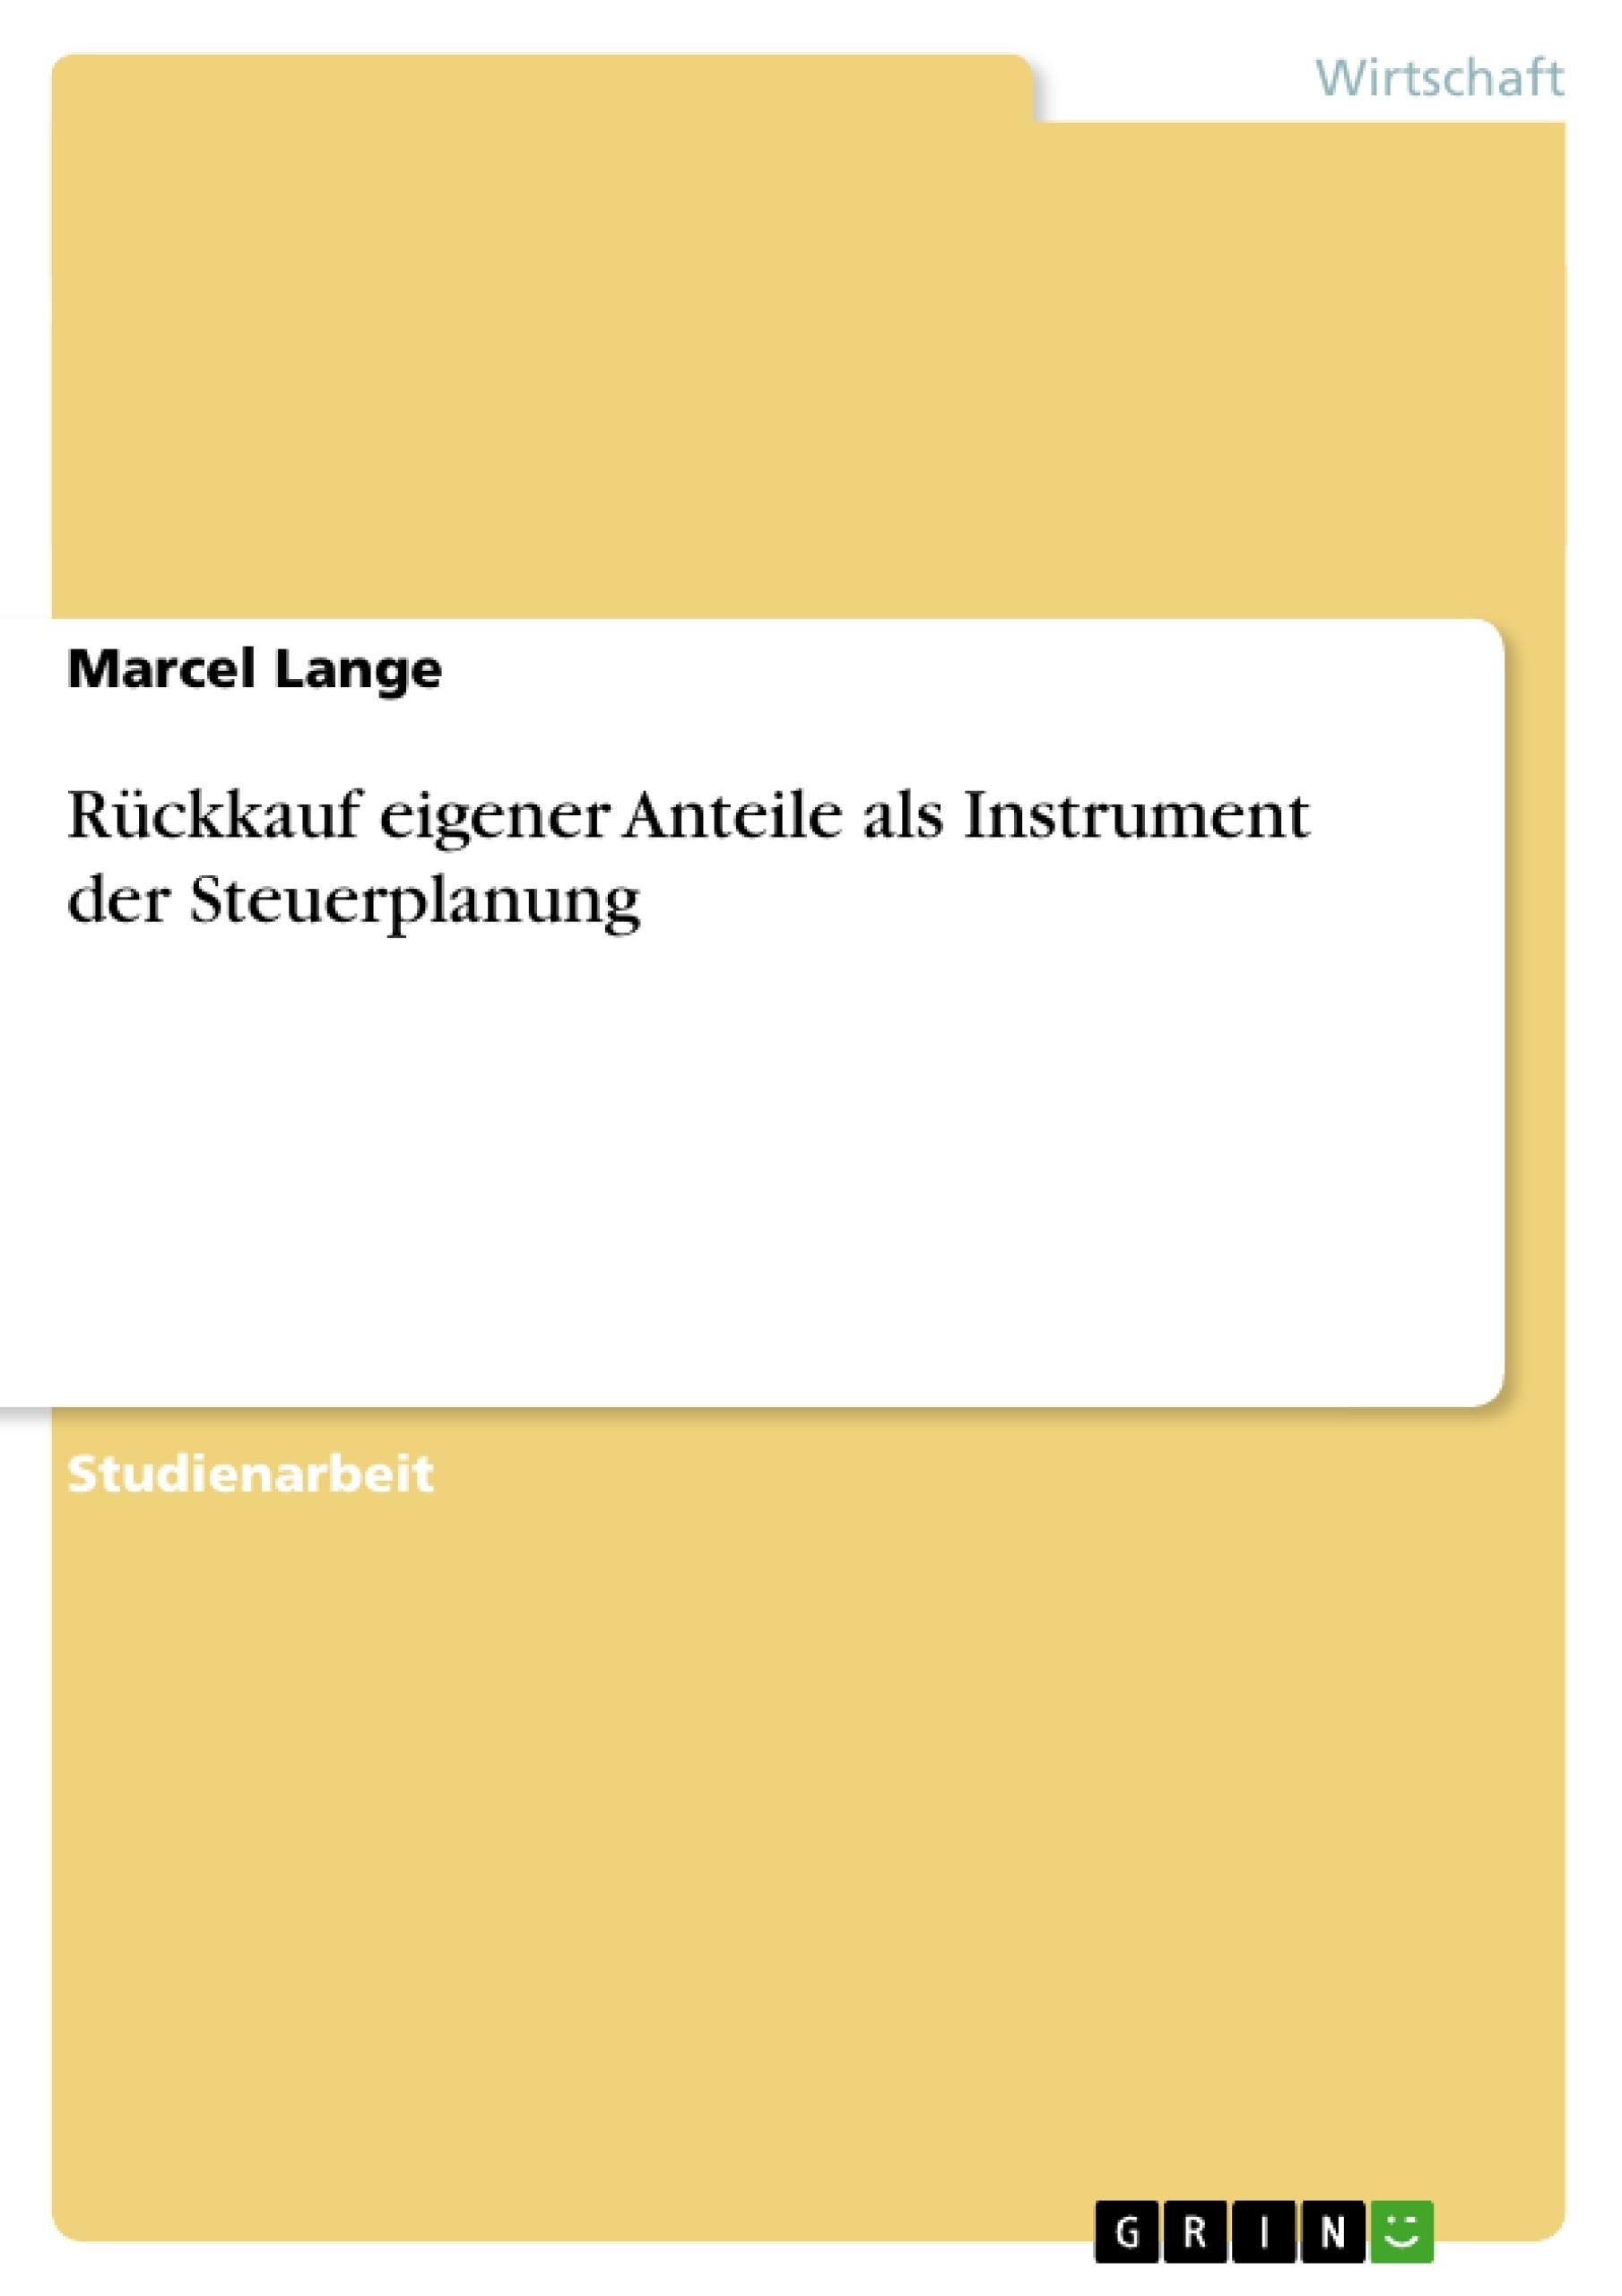 Titel: Rückkauf eigener Anteile als Instrument der Steuerplanung